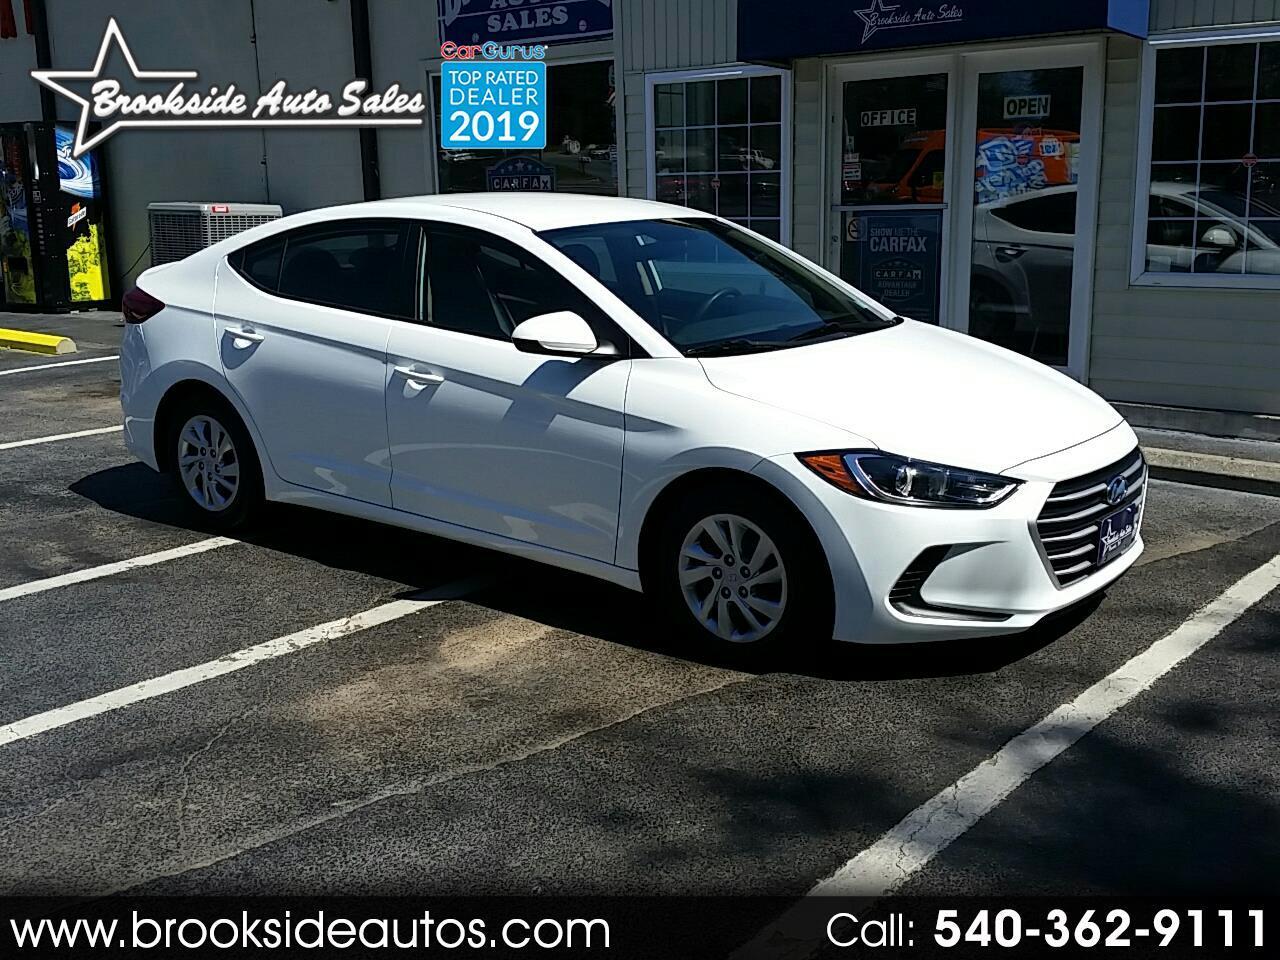 2018 Hyundai Elantra SE 2.0L Auto (Alabama)